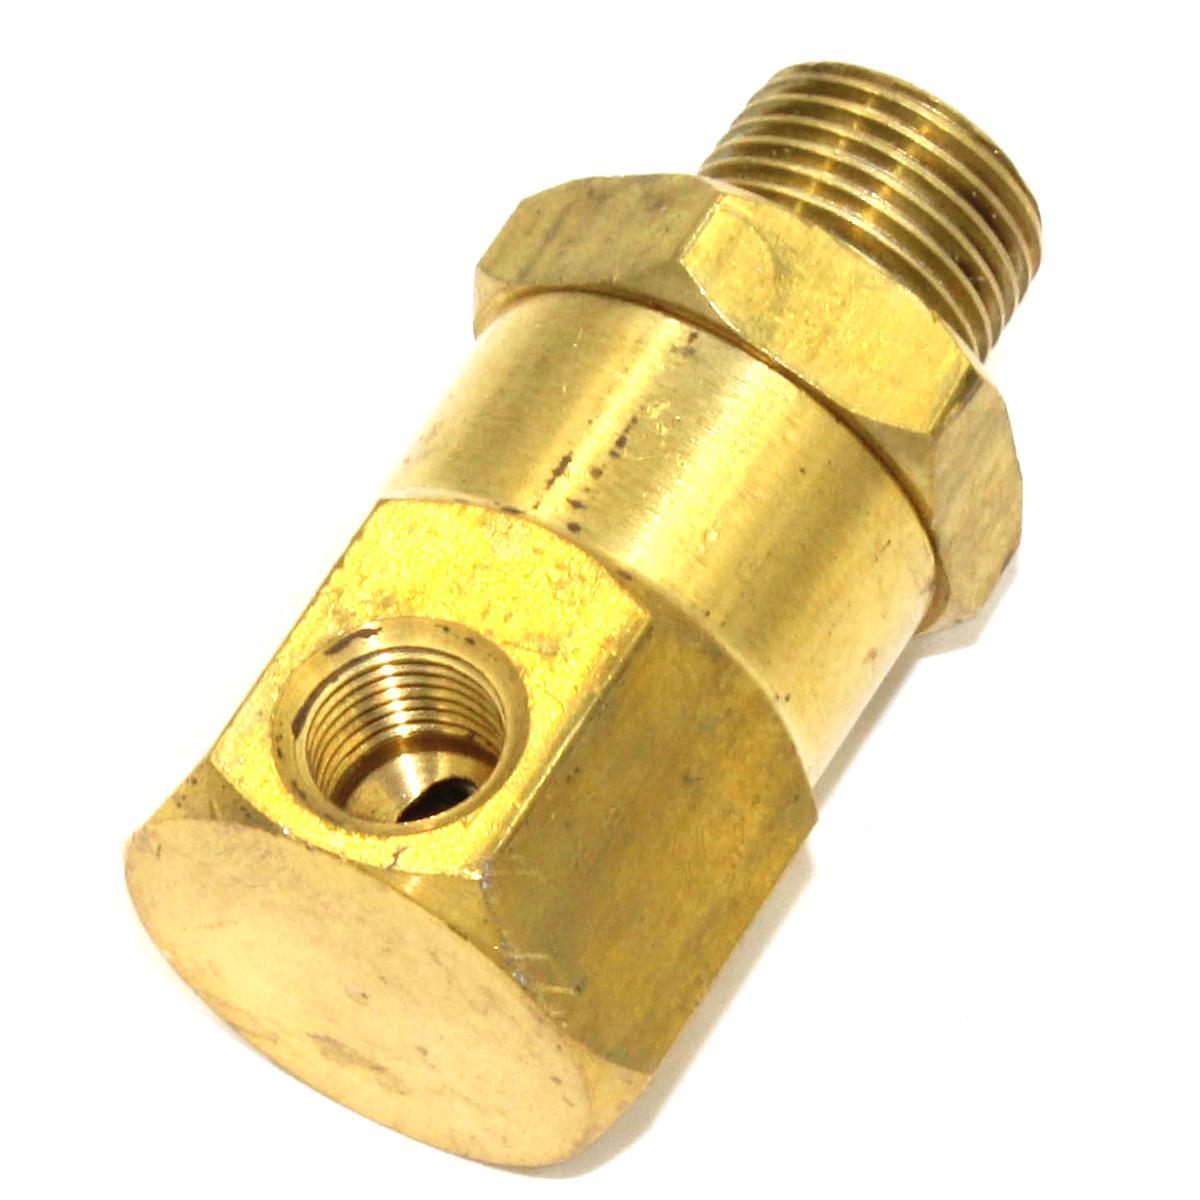 01425 Valve Homelite Pressure Washer Parts